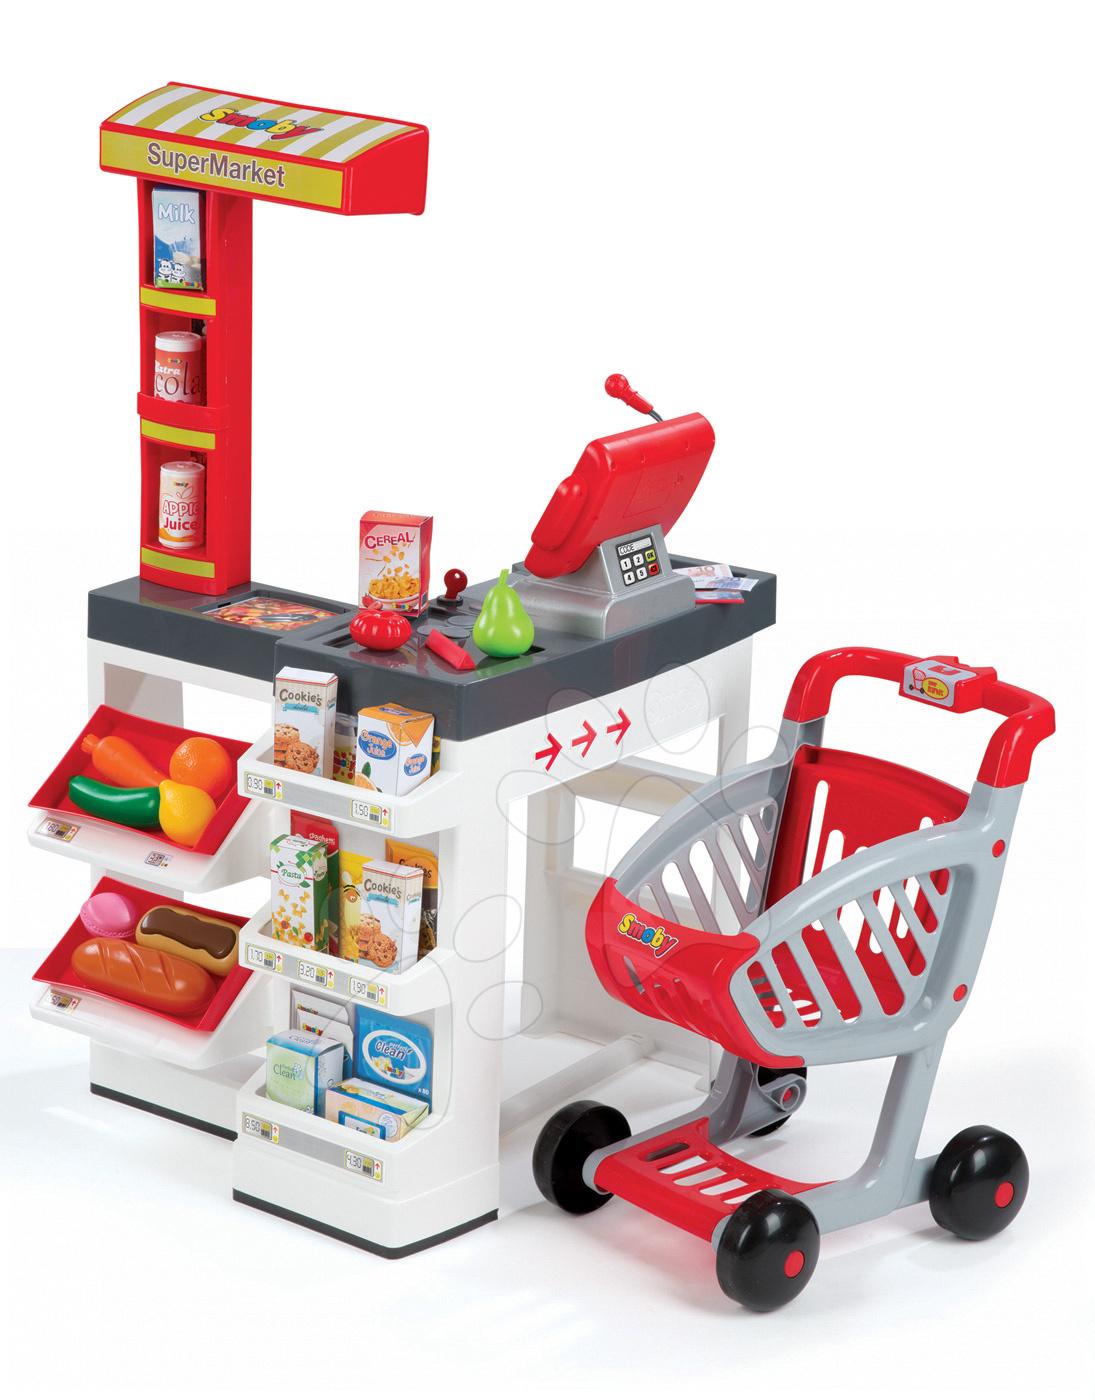 Obchody pre deti - Obchod Supermarket Smoby s elektronickou pokladňou, vozíkom, potravinami a 44 doplnkami biely